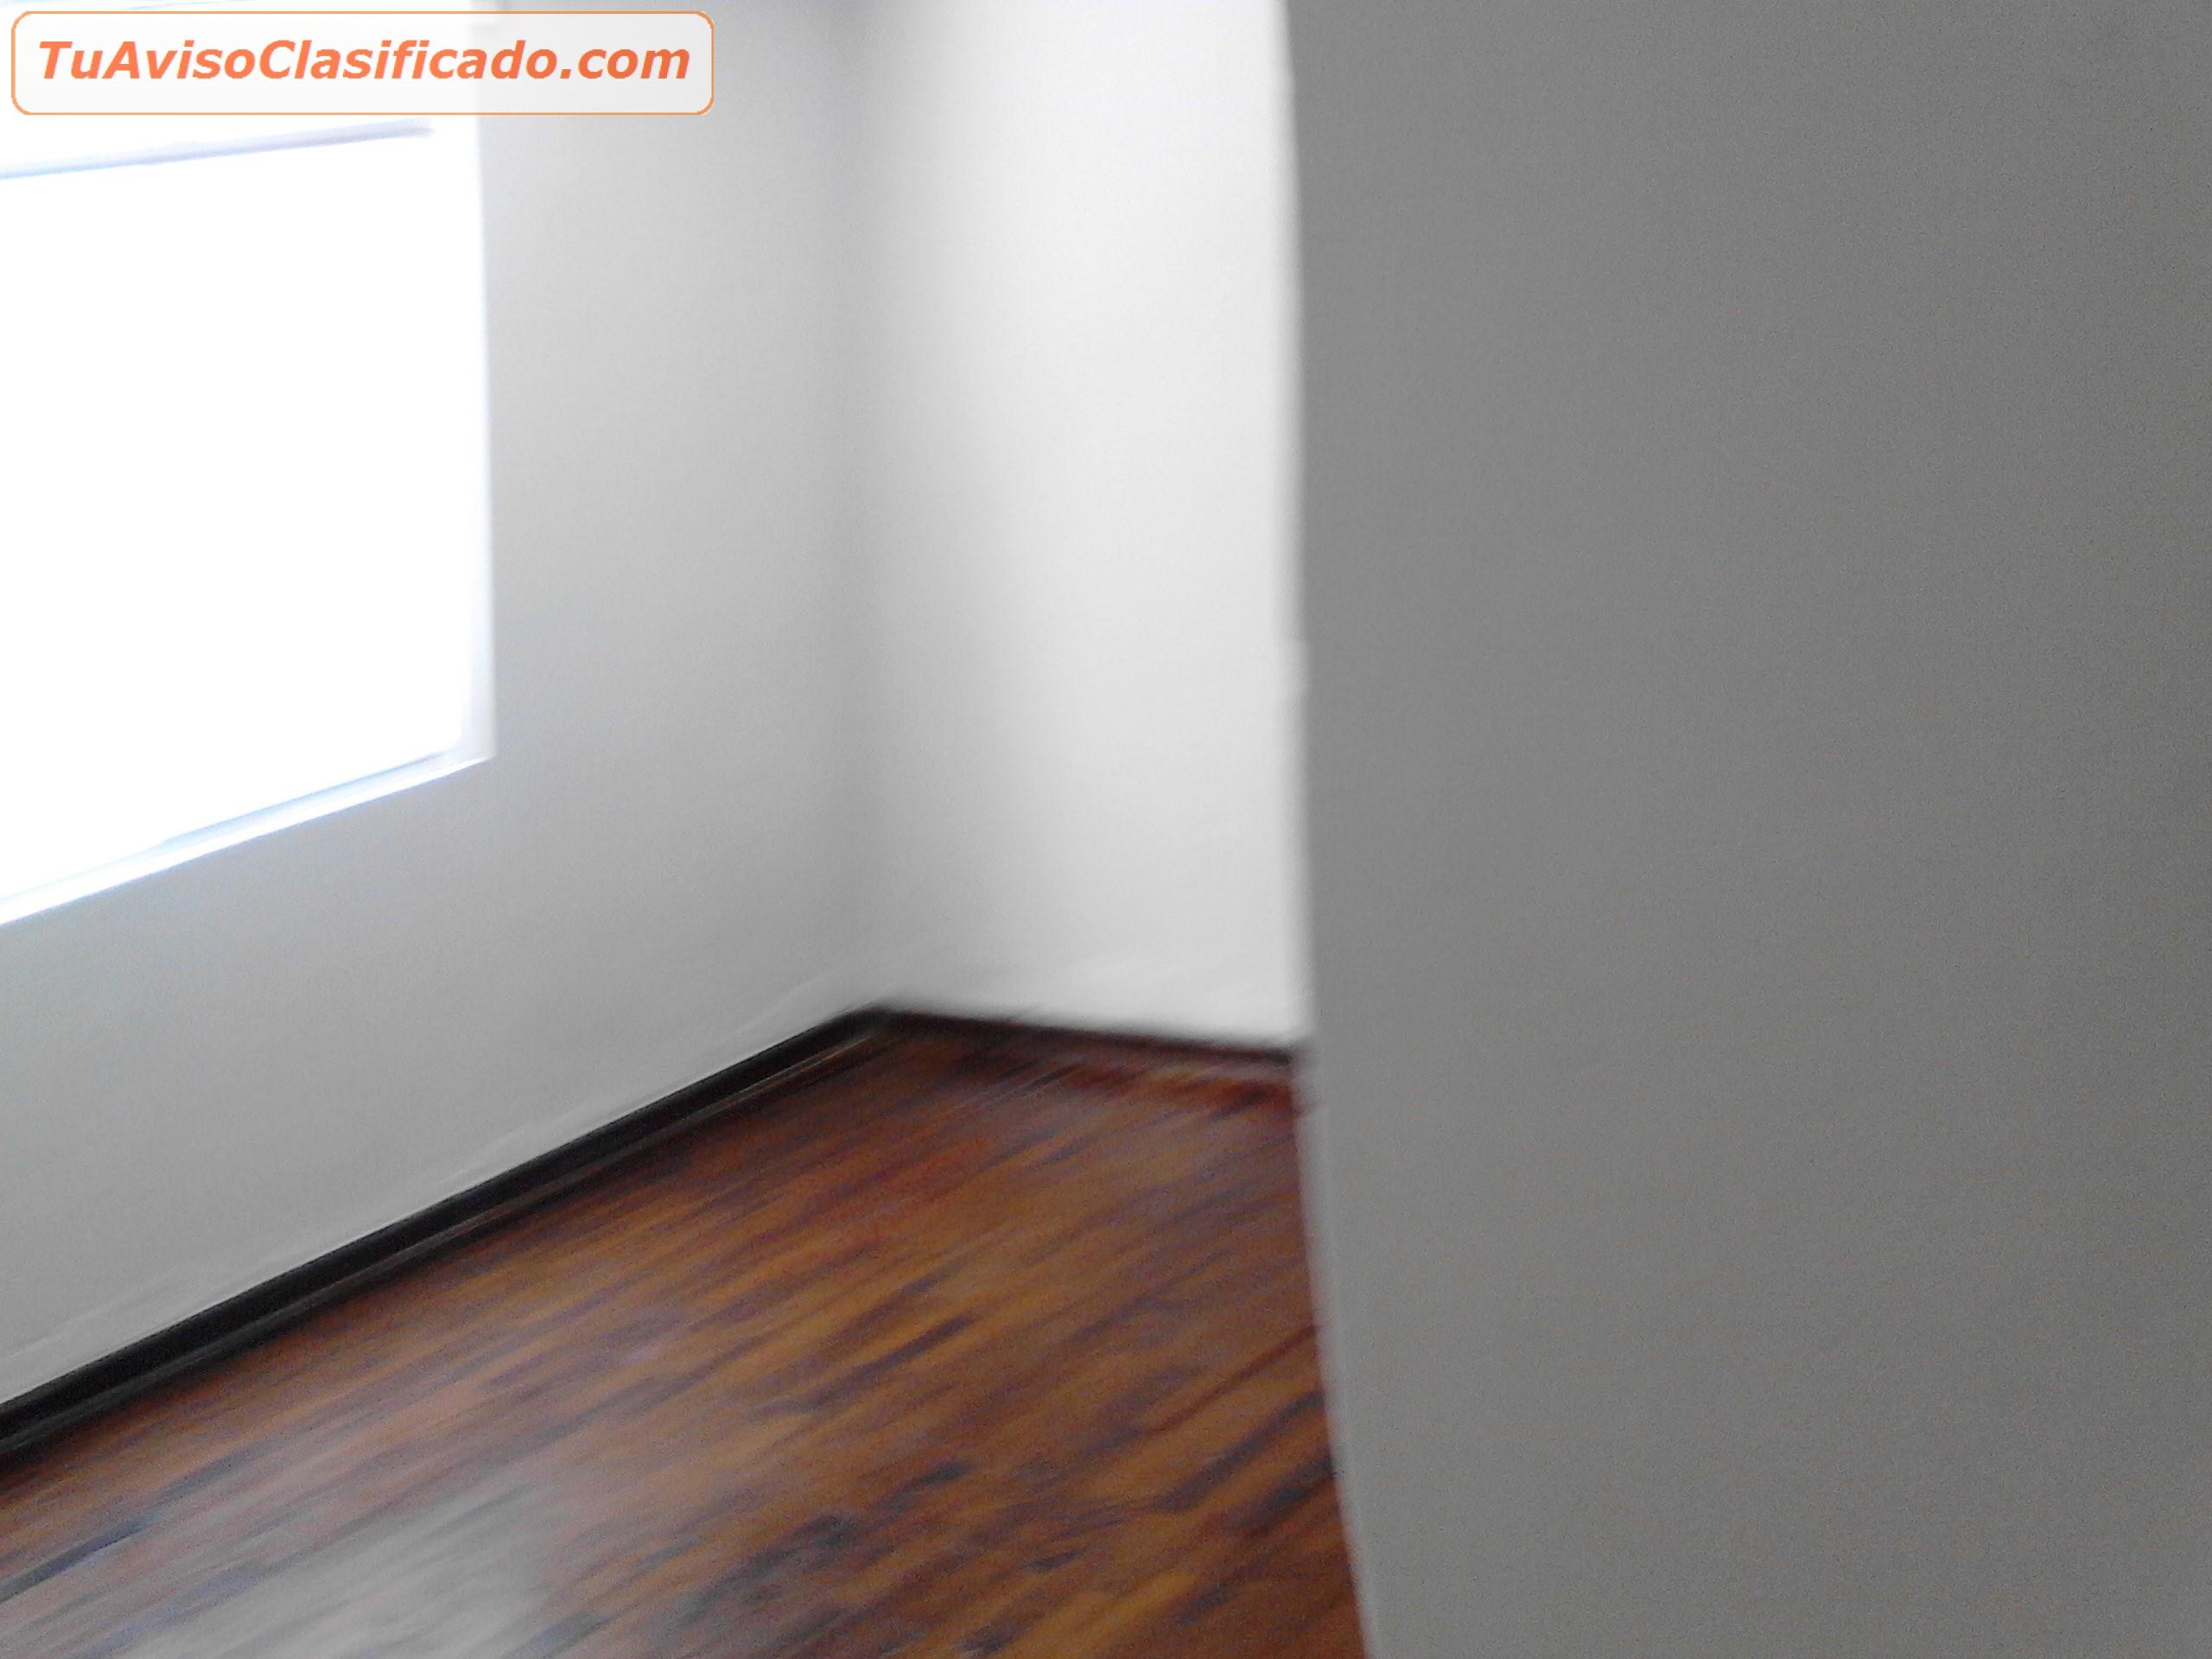 Alquiler de casa inmuebles y propiedades casa en for Alquiler casa en umbrete sevilla